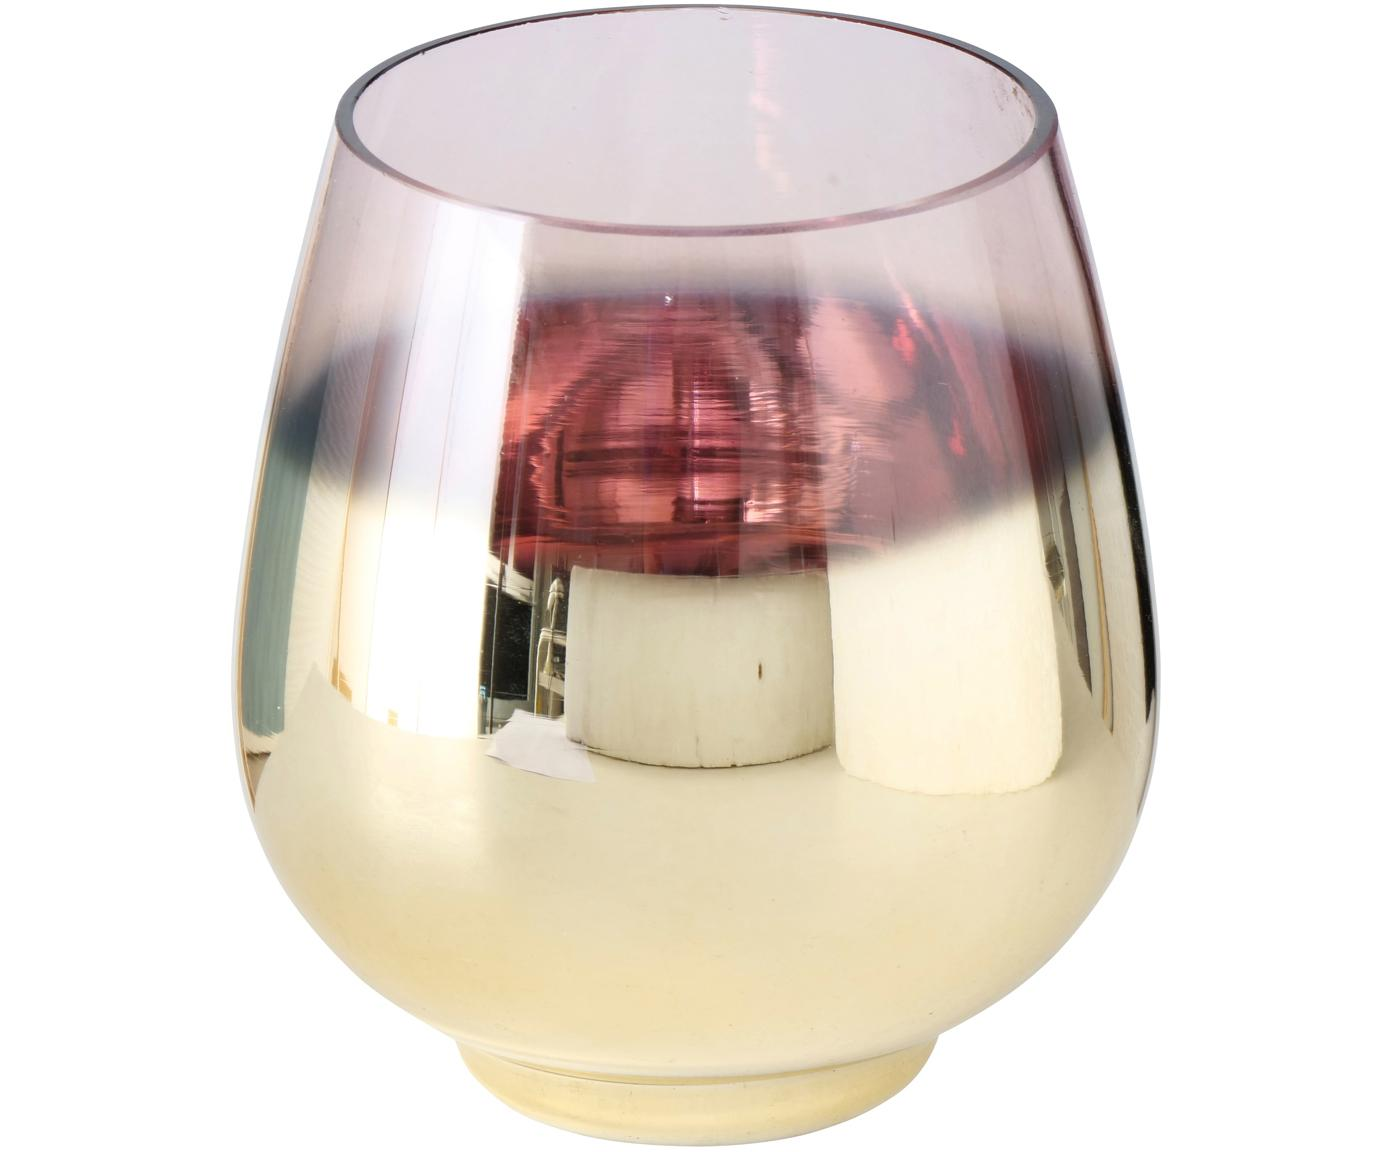 Windlicht Grazia, Glas, lackiert, Messingfarben, Ø 13 x H 15 cm